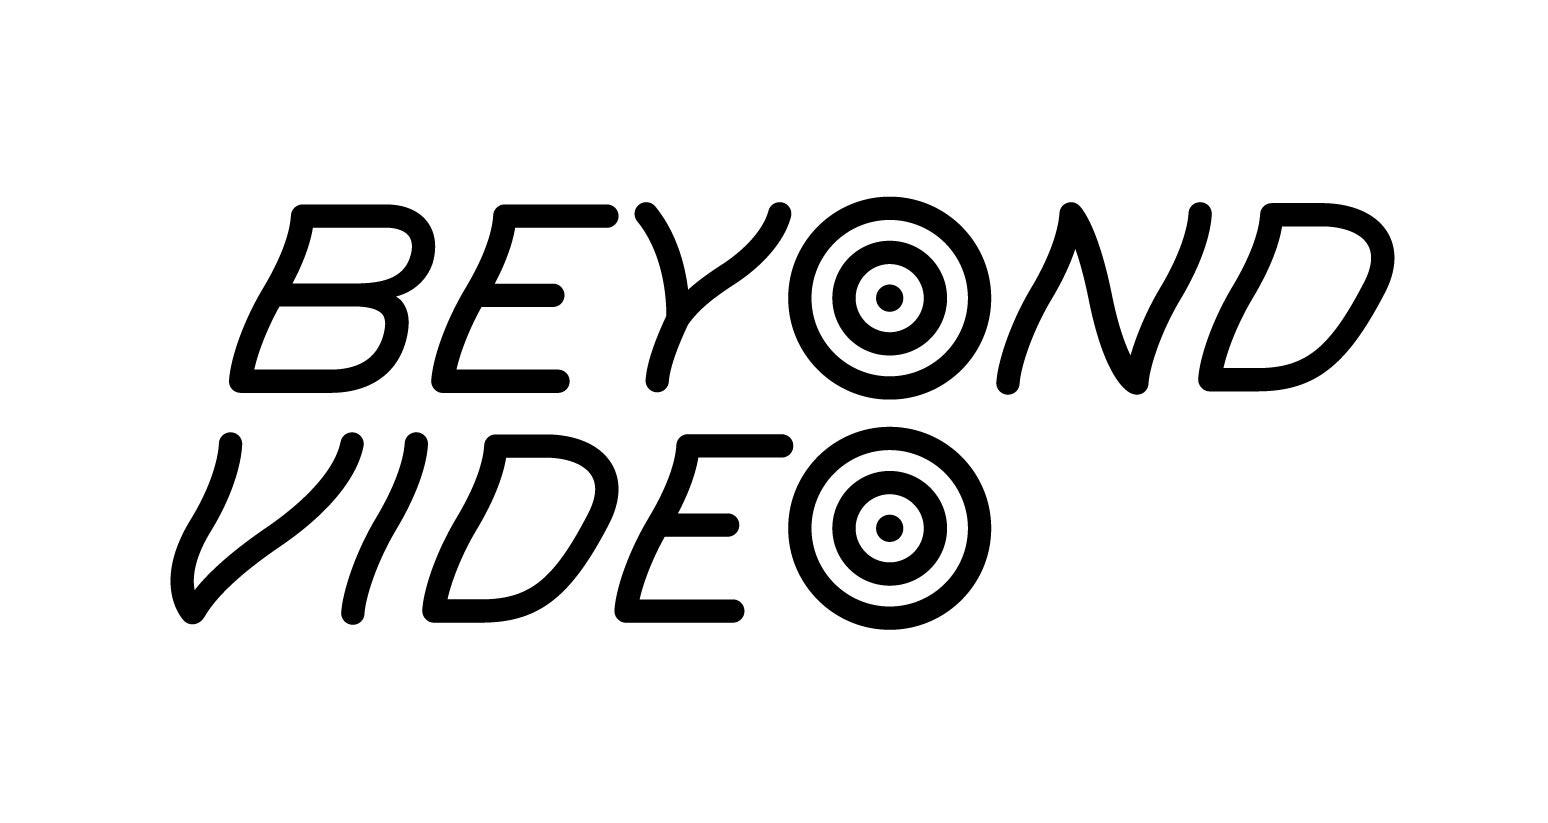 Beyond_Video_logo_1.jpg